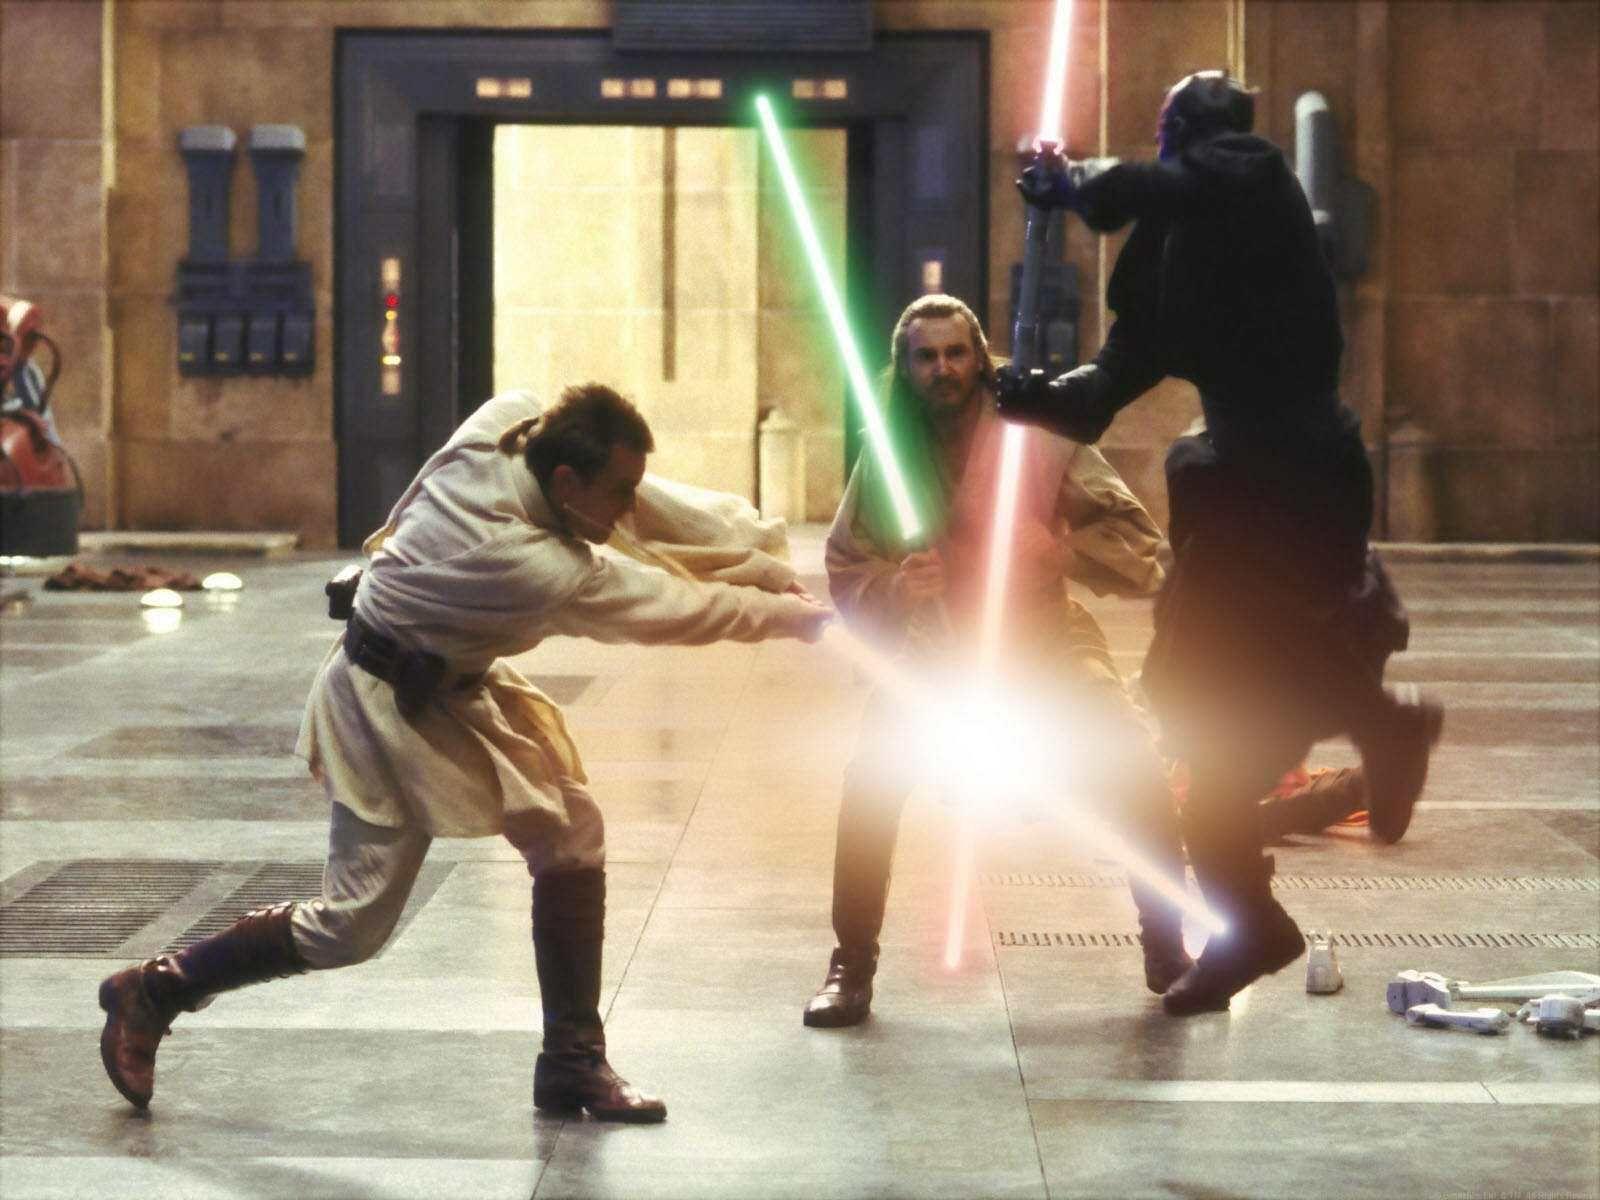 Resultado de imagem para phantom menace qui gon jinn and obi wan versus darth maul